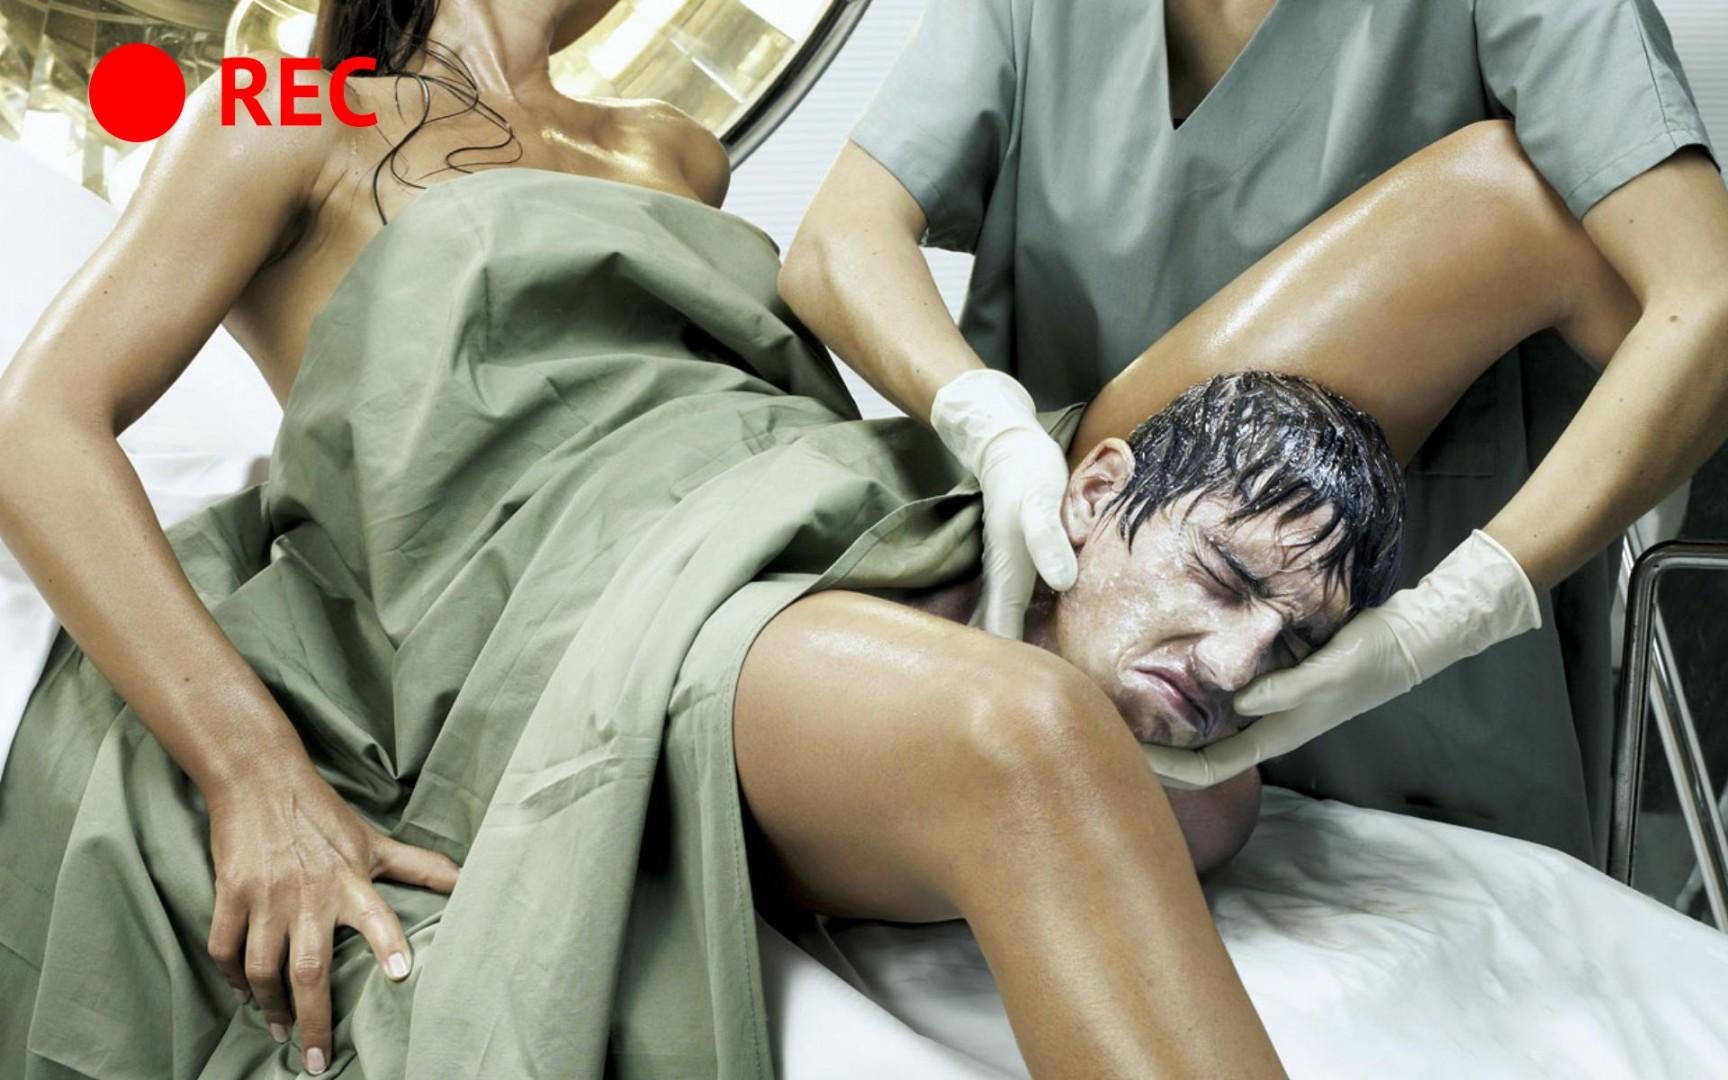 Фото человека с двумя половыми органами 18 фотография